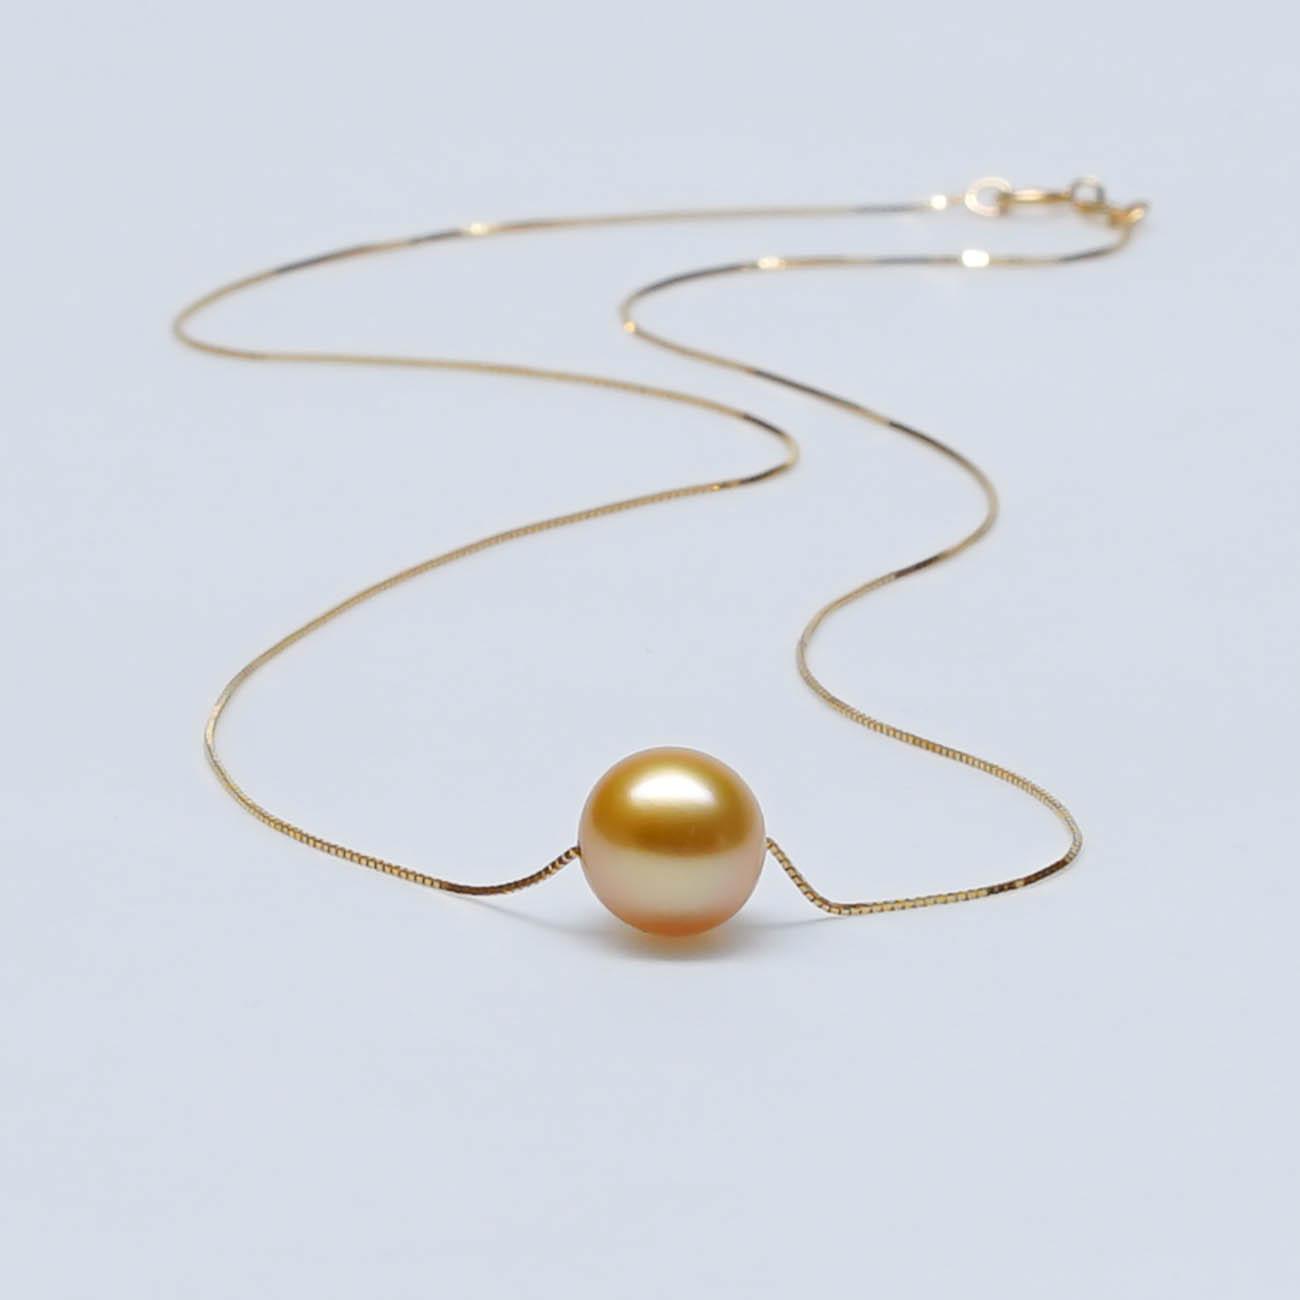 海水珍珠吊坠南洋母贝珍珠项链路路通925银万能链穿心珠转运珠锁